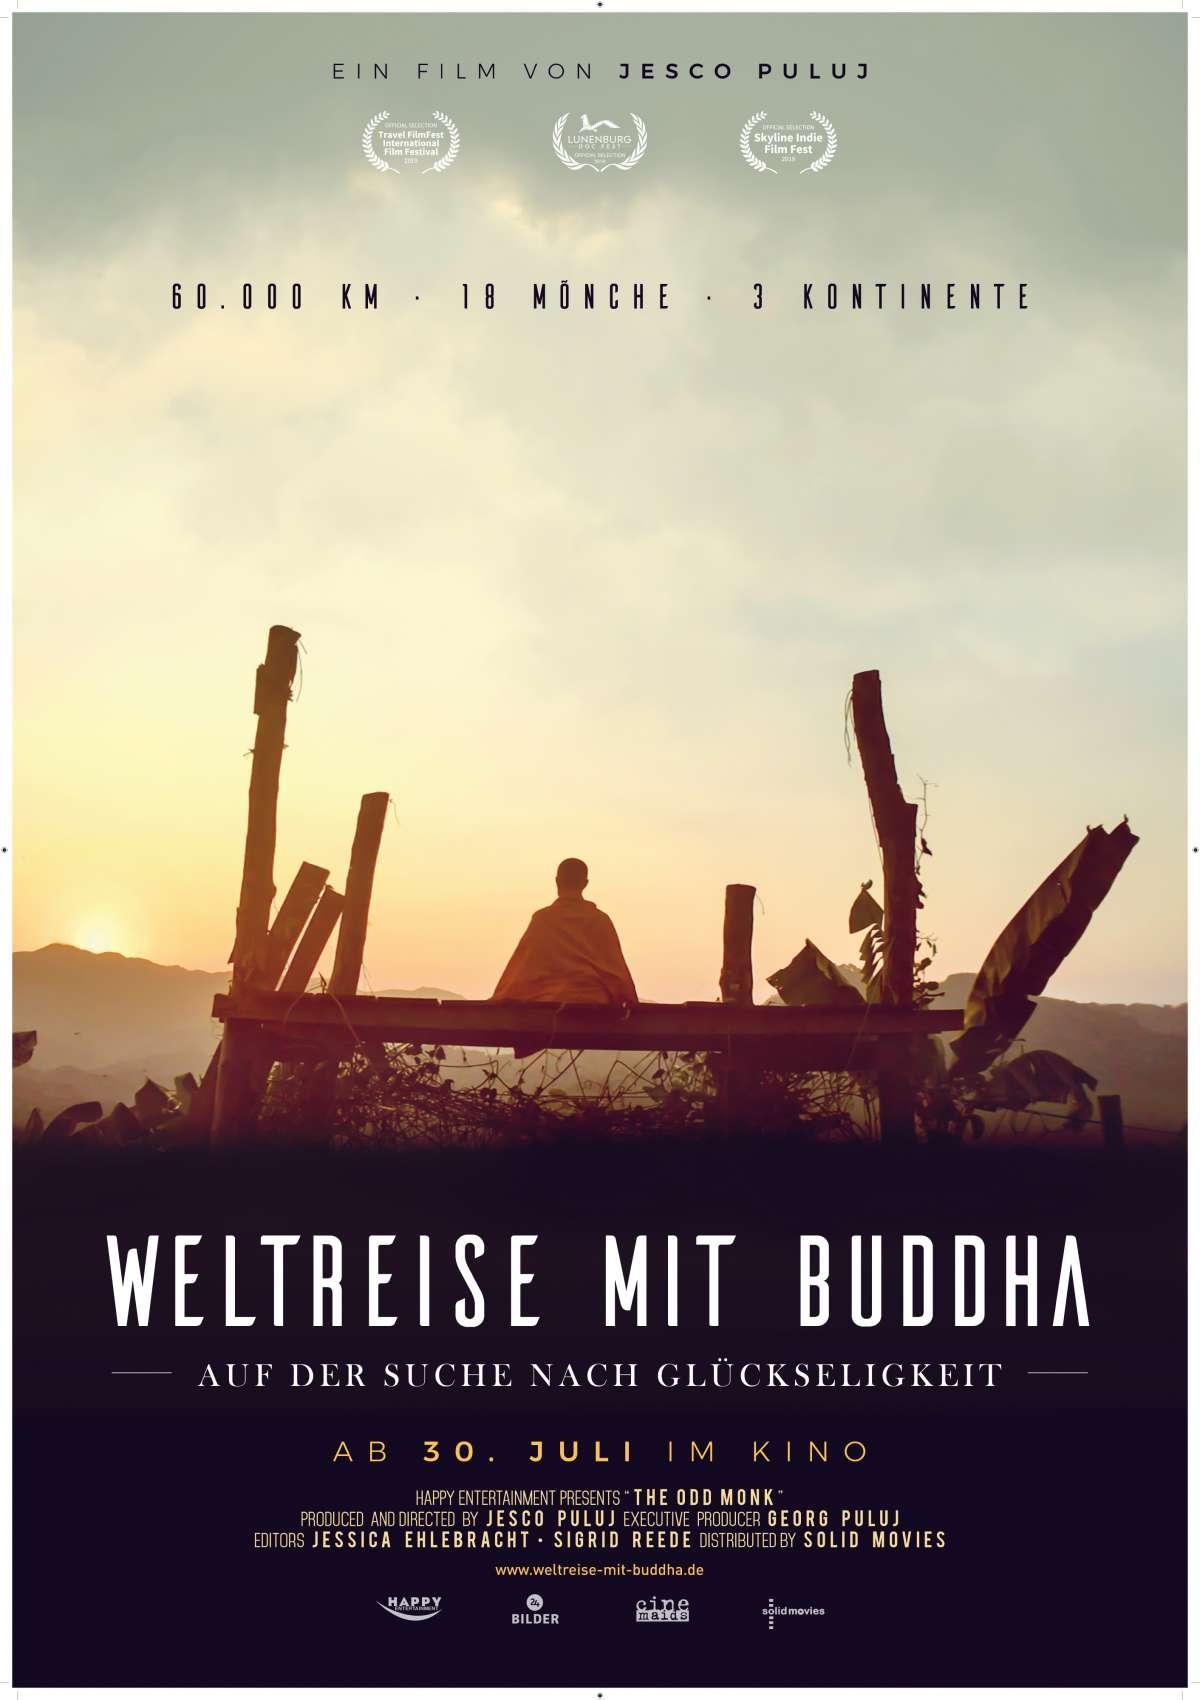 Weltreise mit Buddha - Cineplex  - Kassel